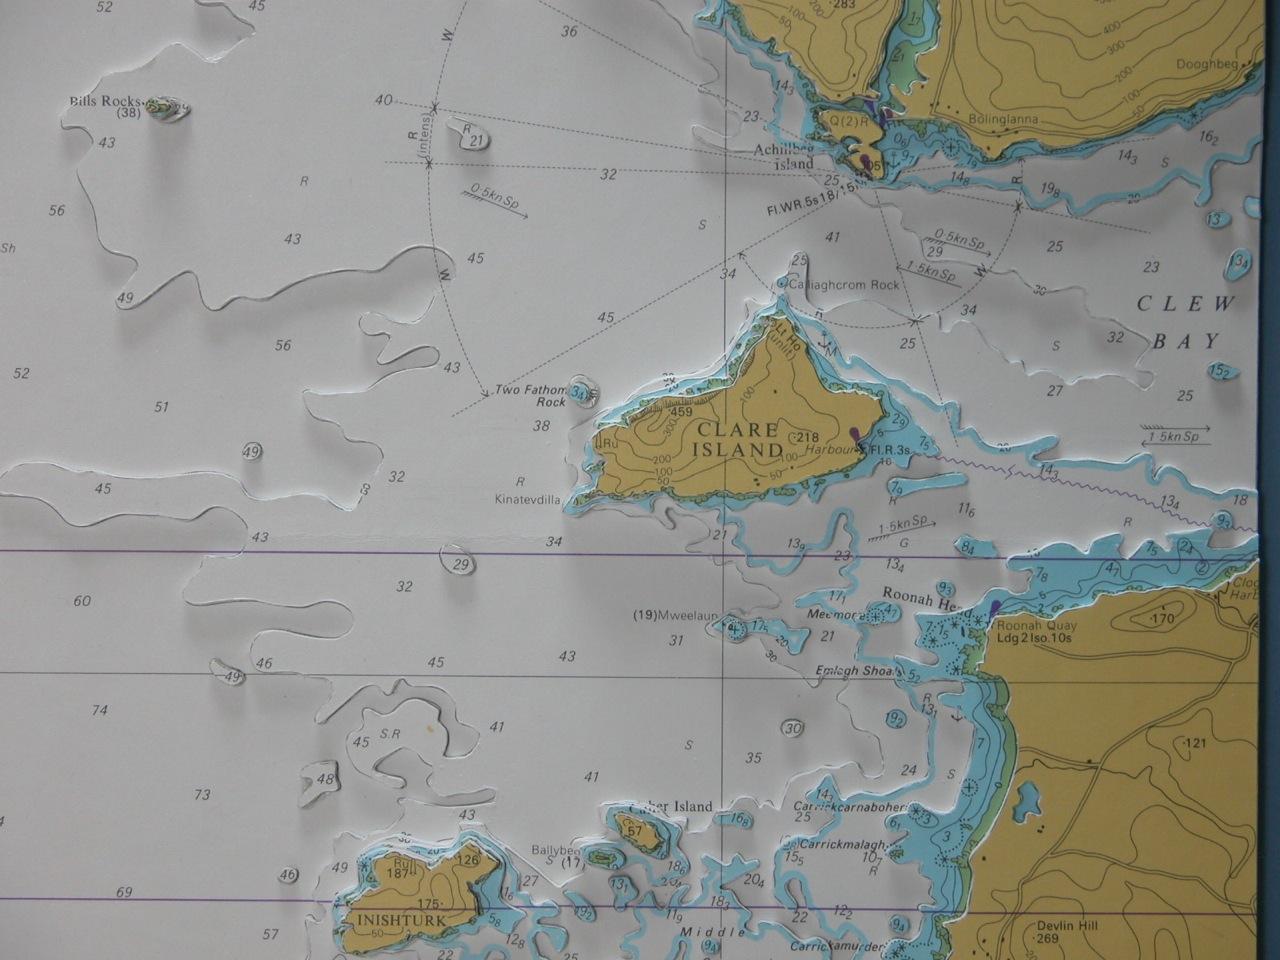 achill clew bay latitude kinsale